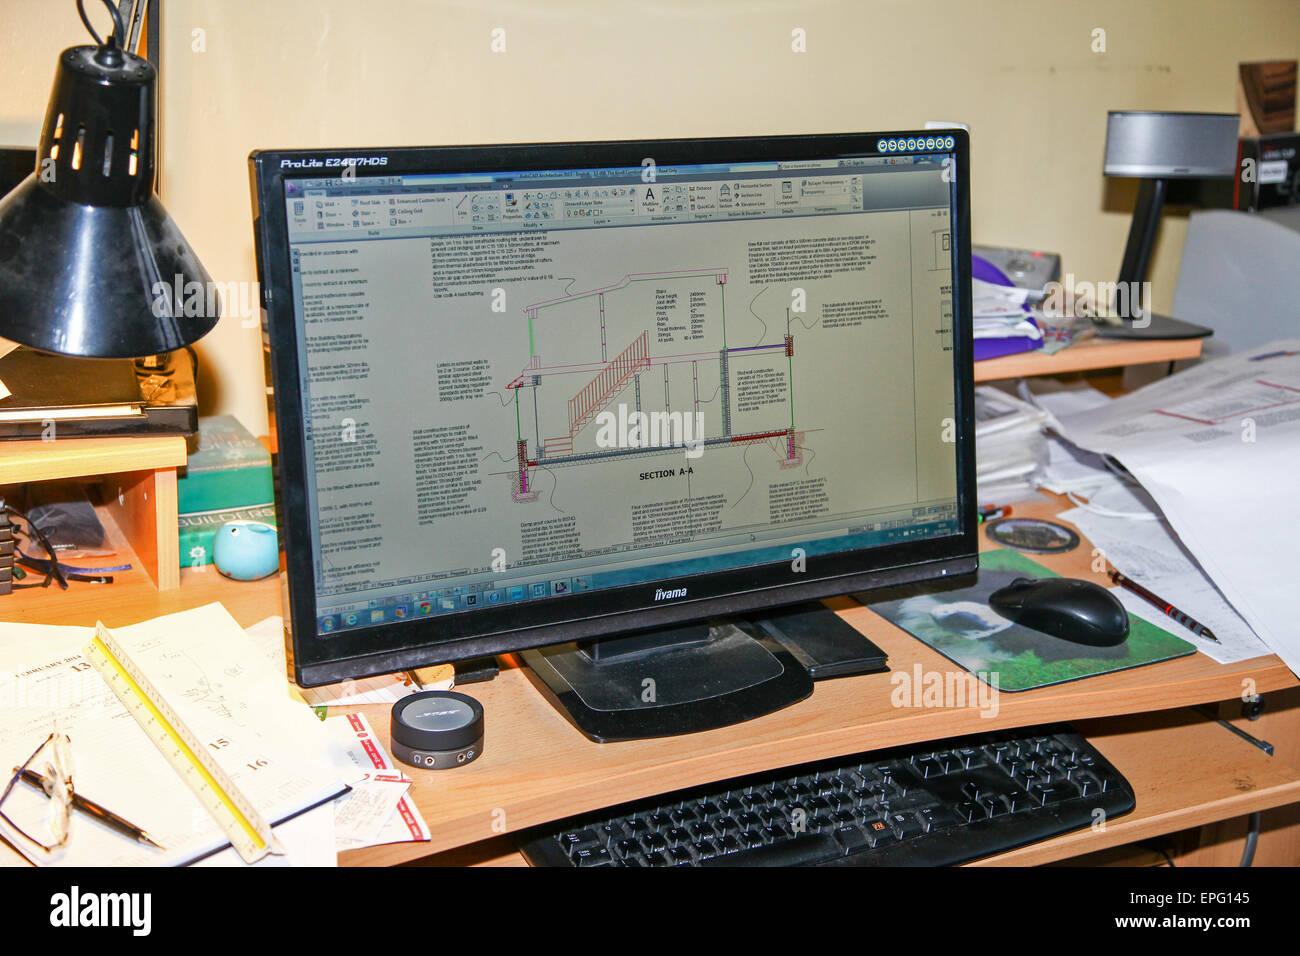 Un plan d'architectes illustré à l'aide du logiciel AutoCad Architectural sur l'écran Photo Stock